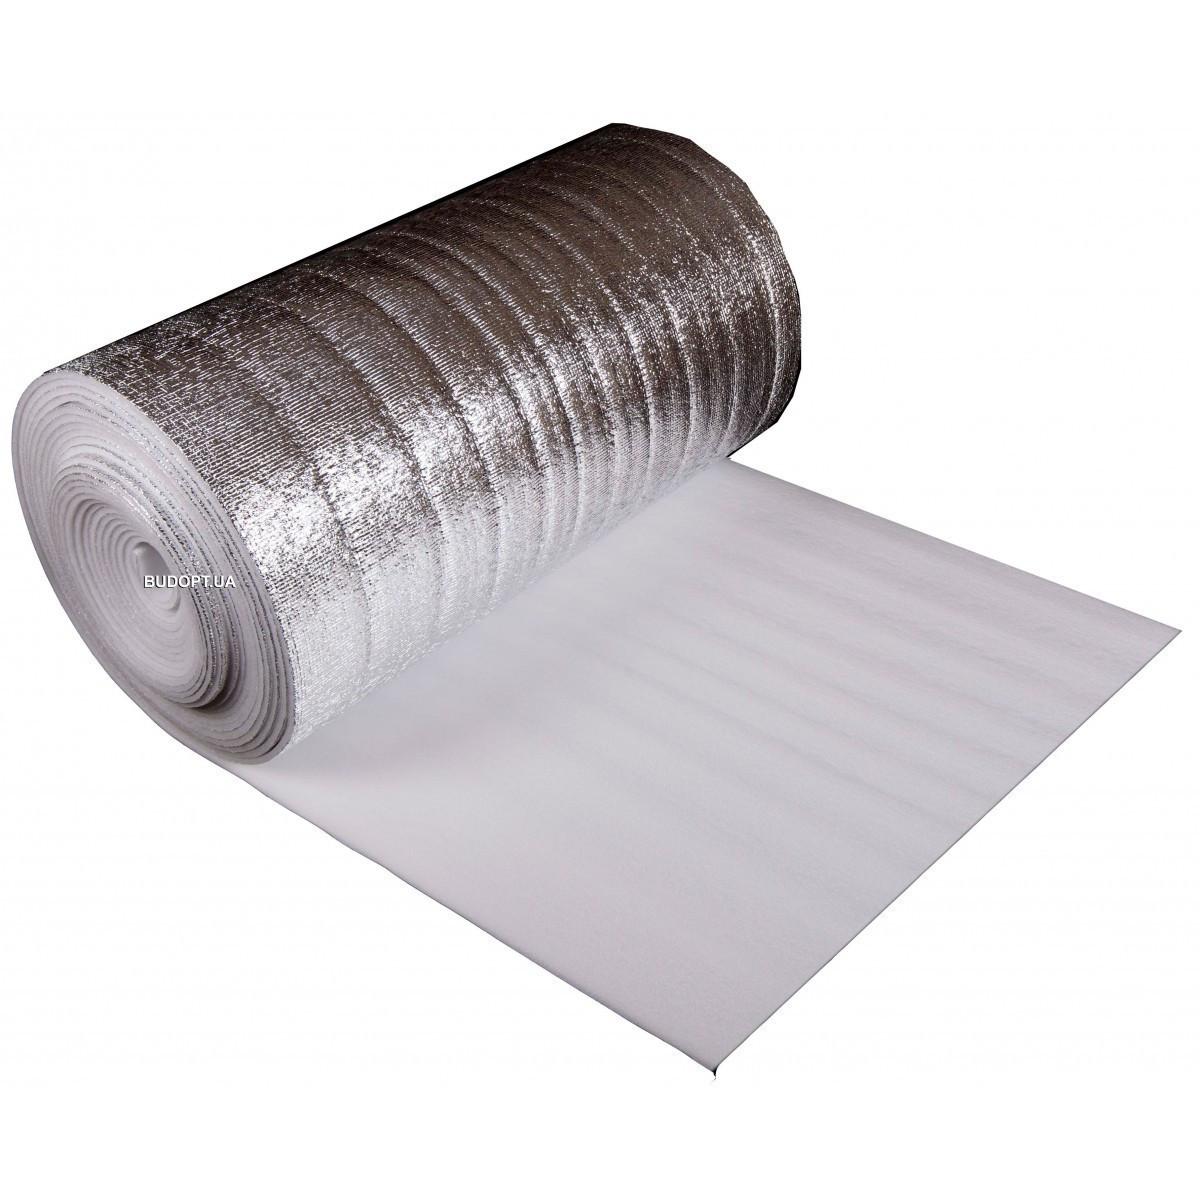 Спінений поліетилен ламінований ППЕЛ-1м х 50м товщина 7 мм (підкладка під теплу підлогу)